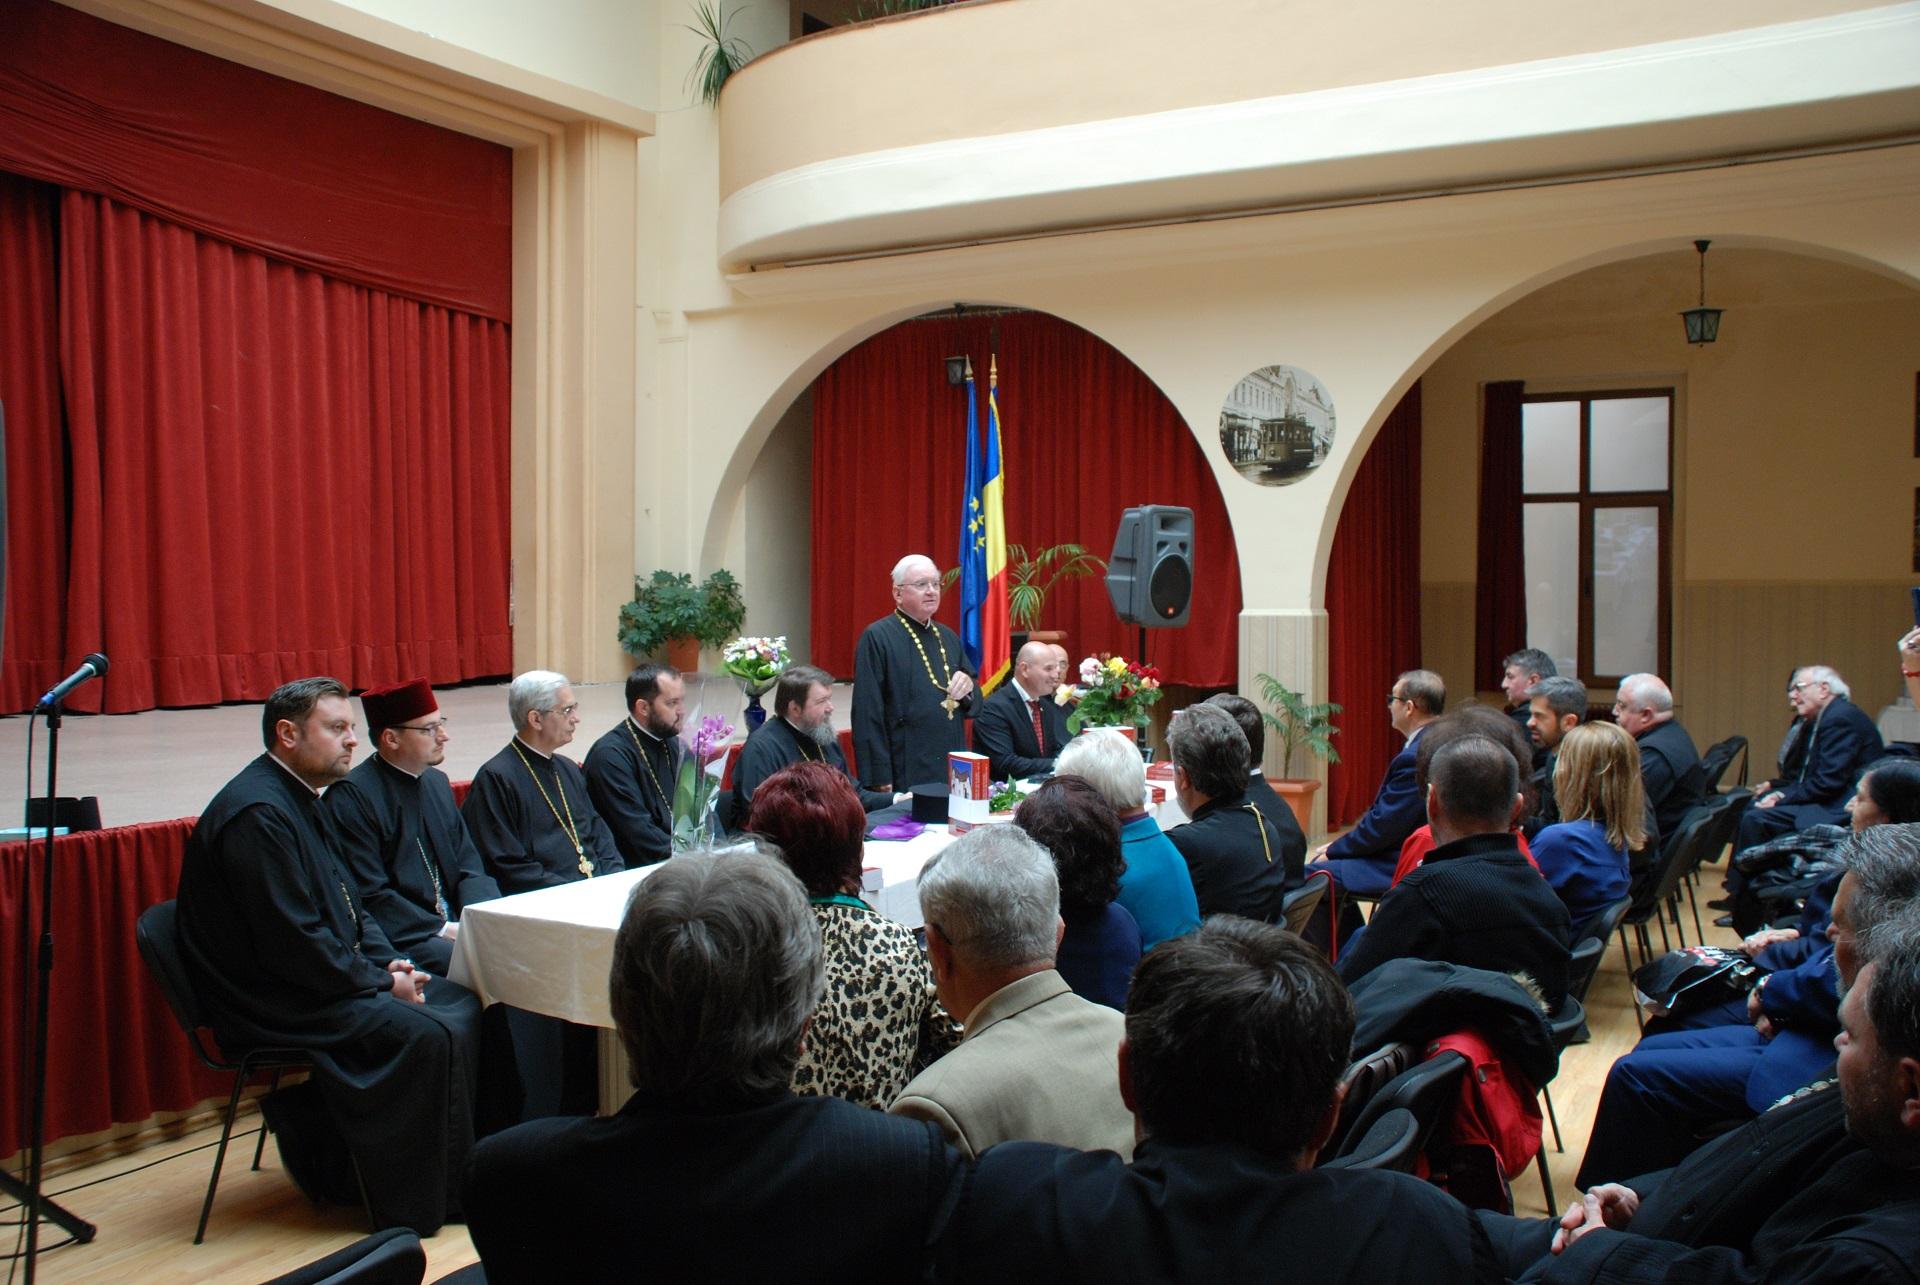 S-a lansat monografia părintelui Gheorghe Nemeș